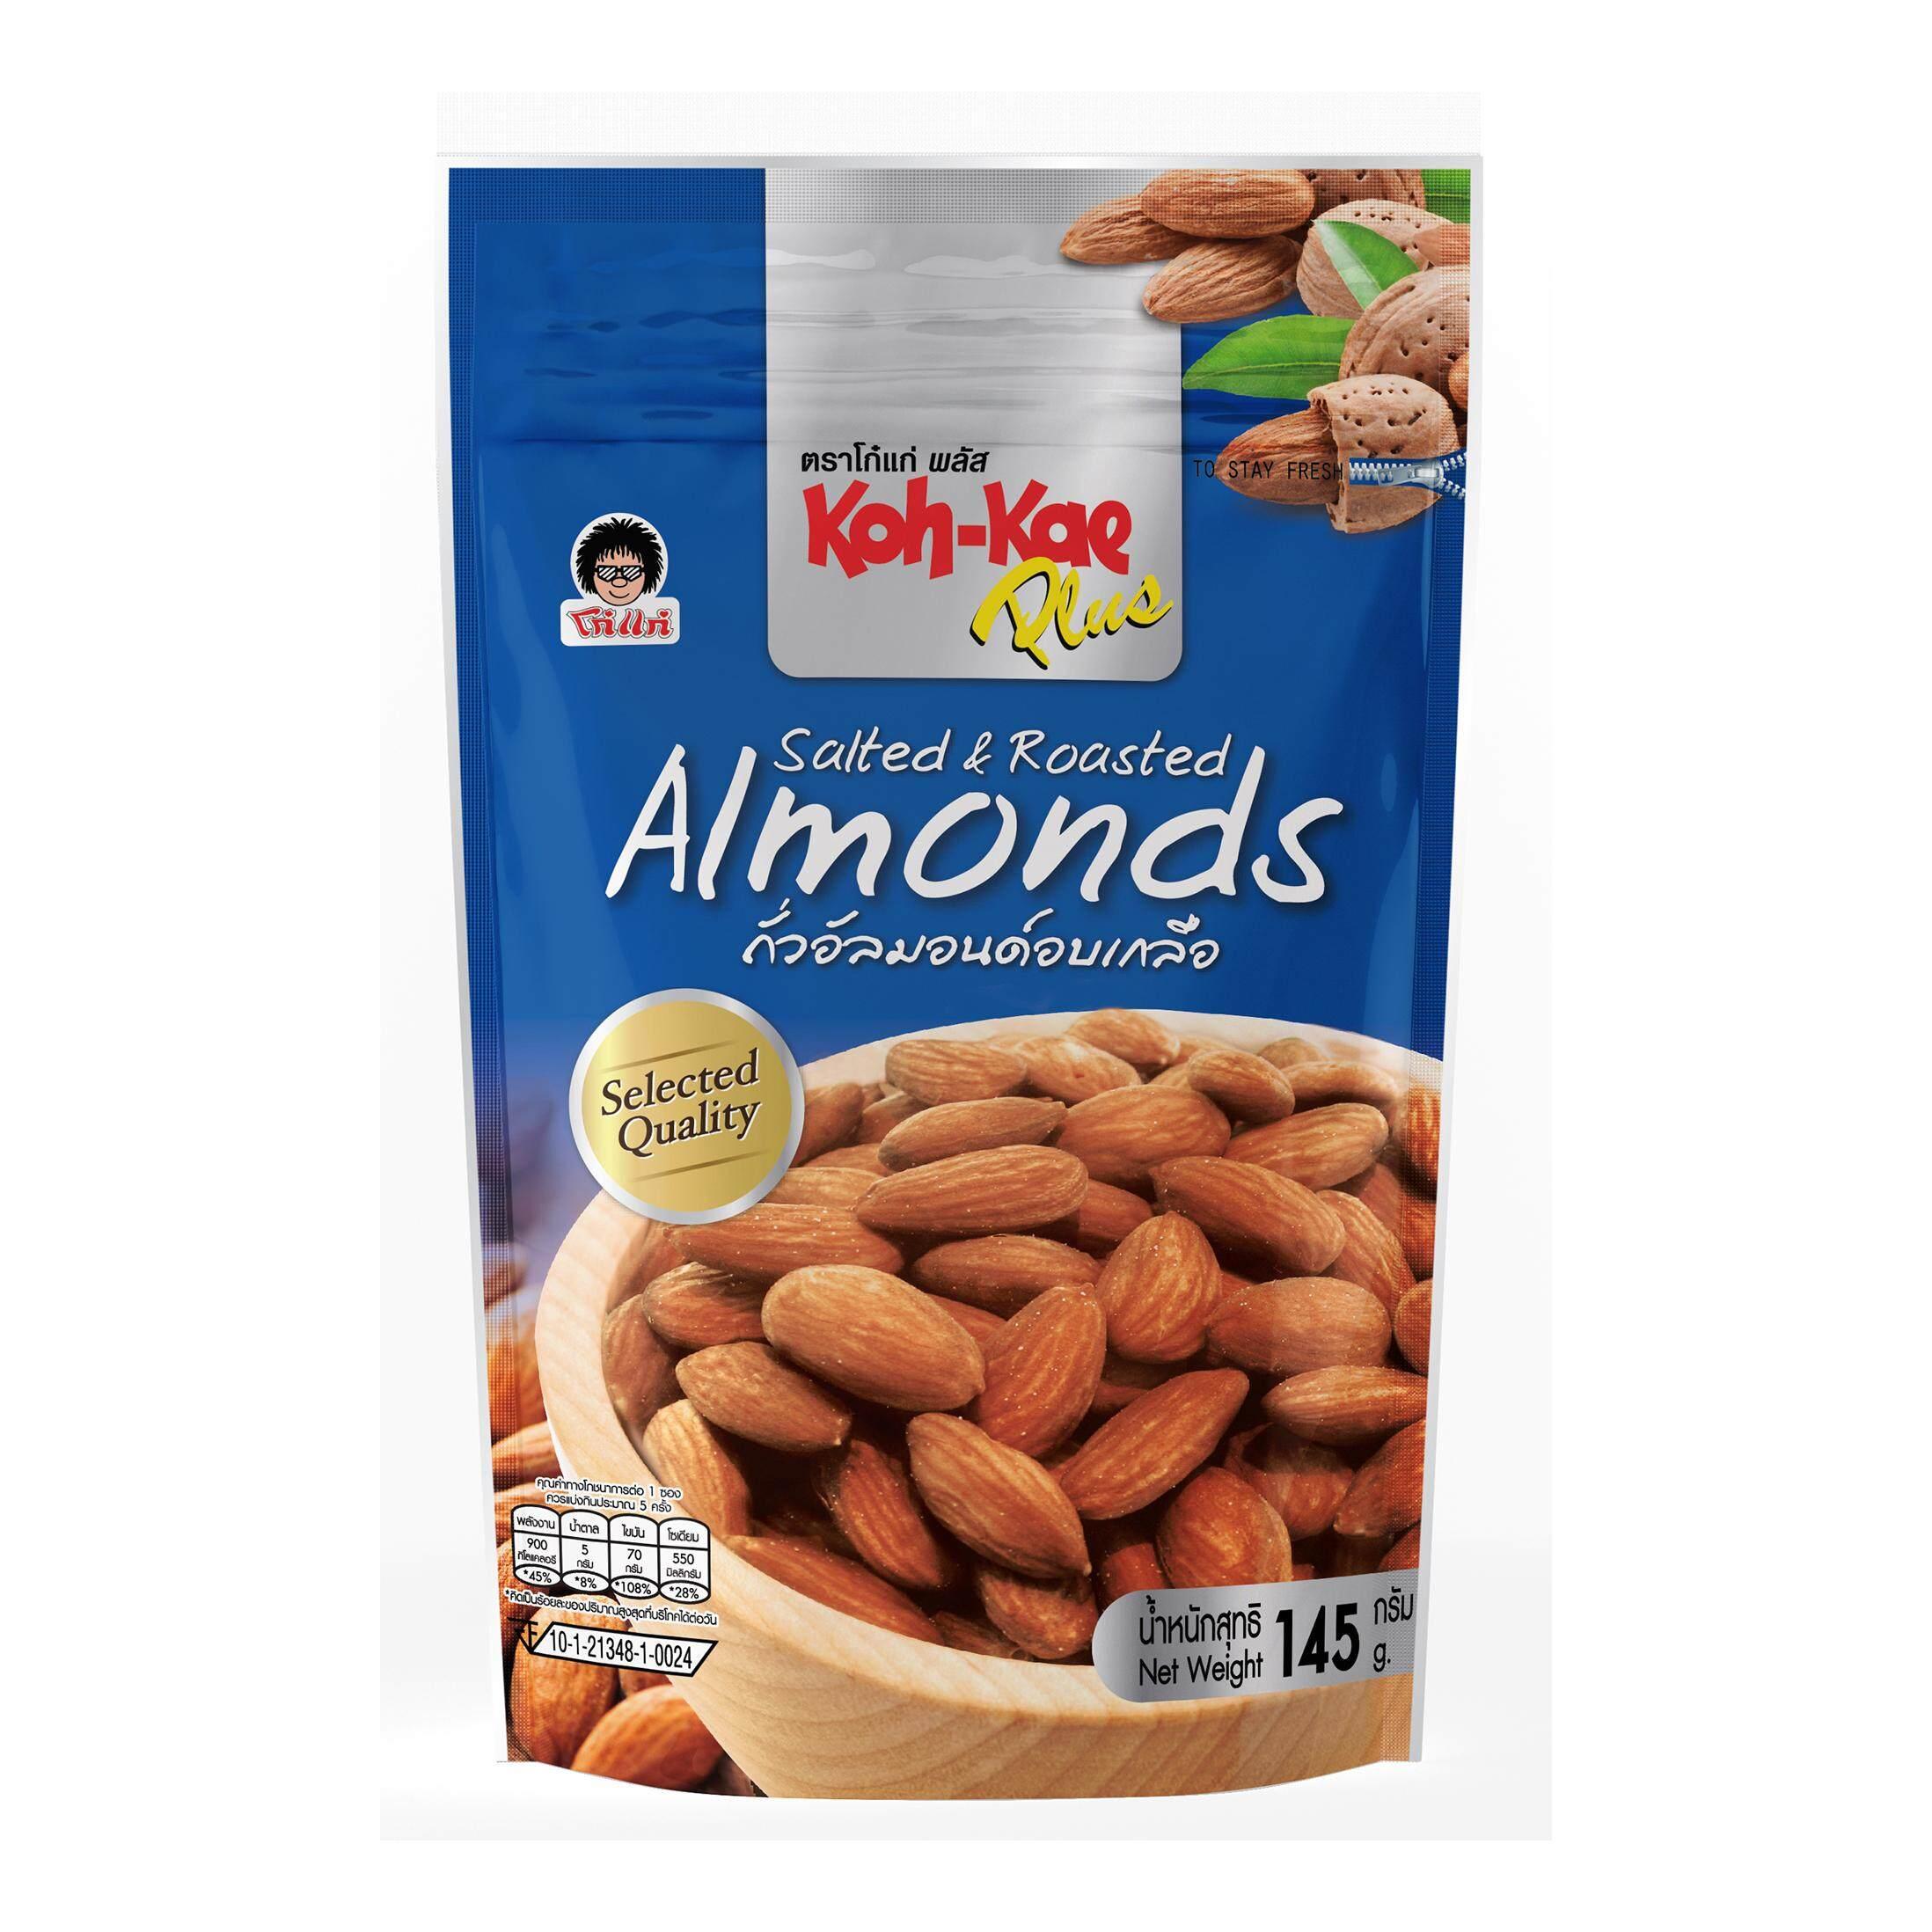 Koh-Kae Plus โก๋แก่ พลัสอัลมอนด์อบเกลือ 145g ขนม ถั่ว สุขภาพ.